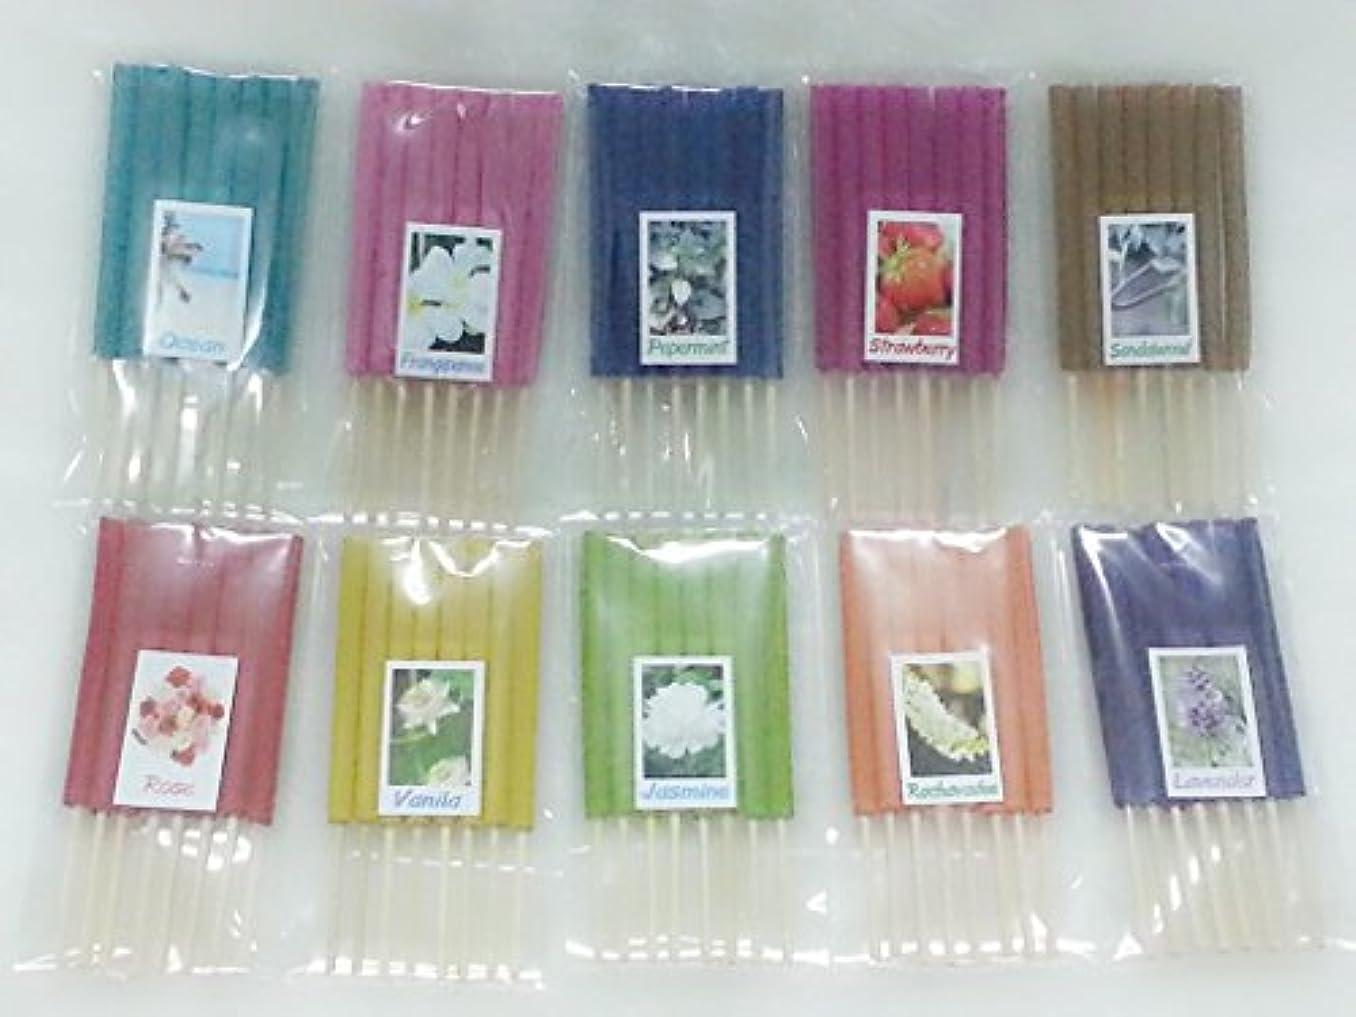 うぬぼれた看板植物学セット2 Mixアロマ10 Scents 80 Sticks Mini Incense Sticks Thai Spaアロマセラピーホームのハーブ&香料、長さ3インチ